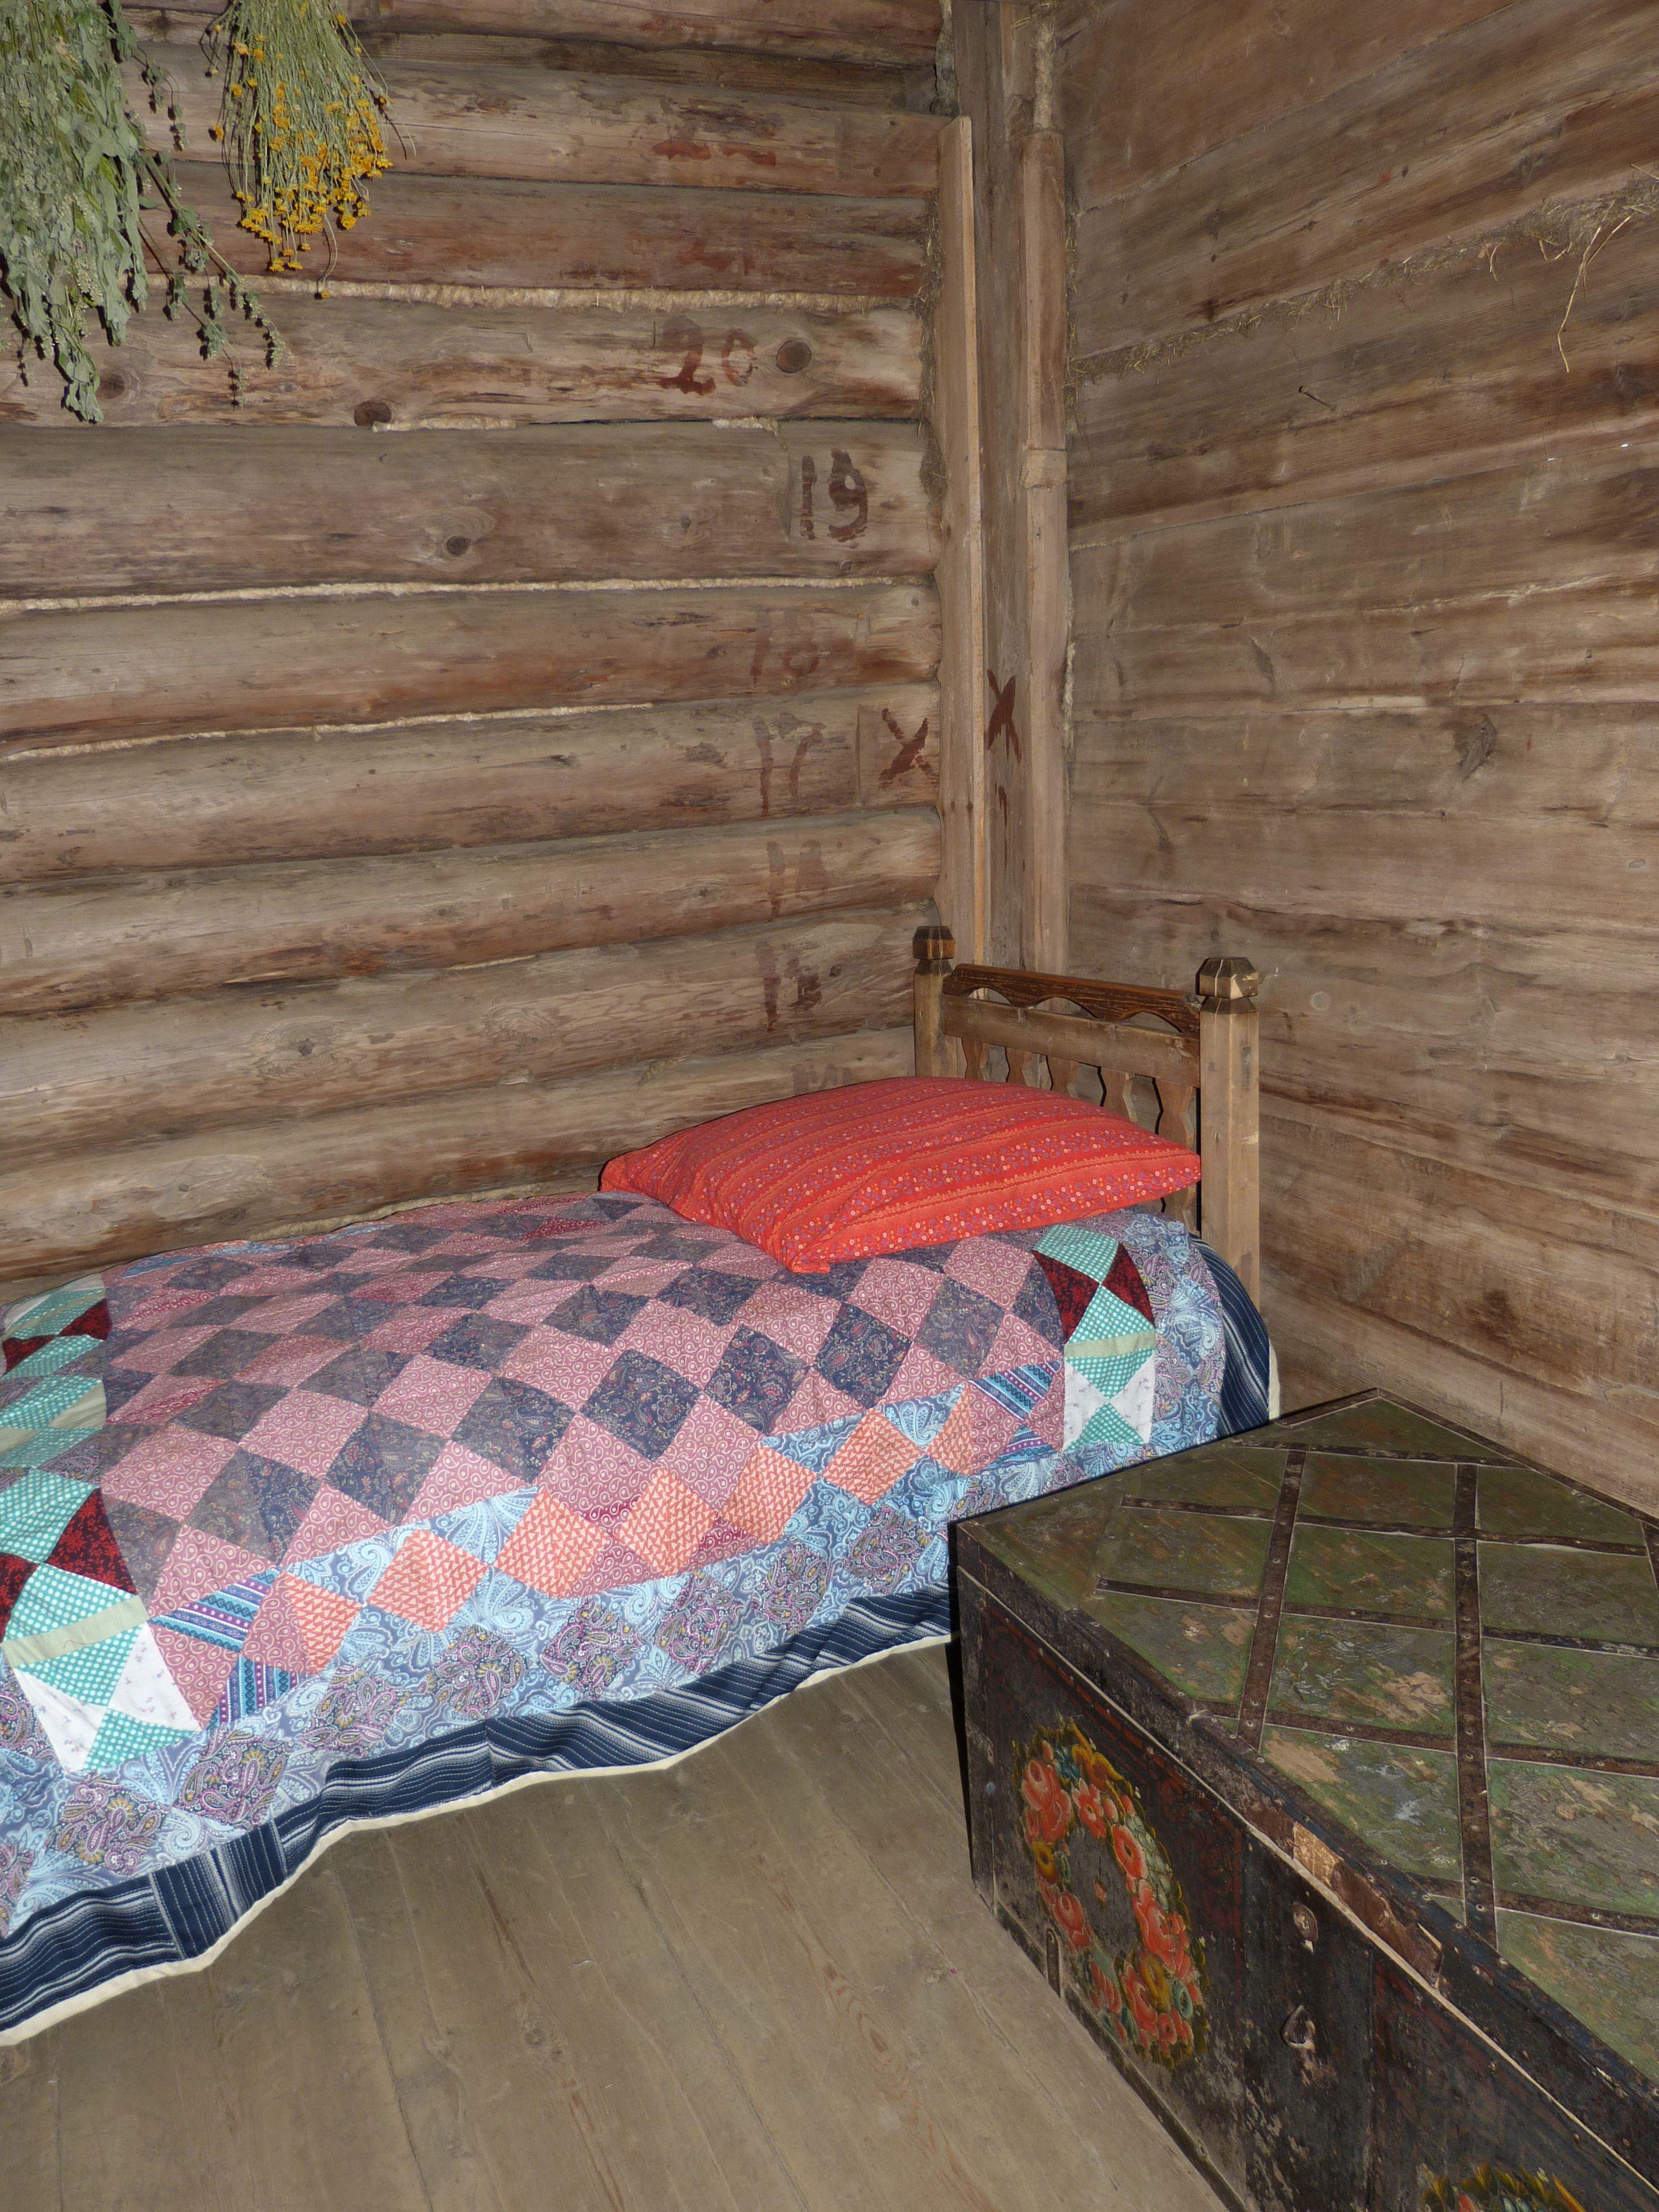 lit en rondin de bois tikamoon tte de lit originale with lit en rondin de bois chevet with lit. Black Bedroom Furniture Sets. Home Design Ideas